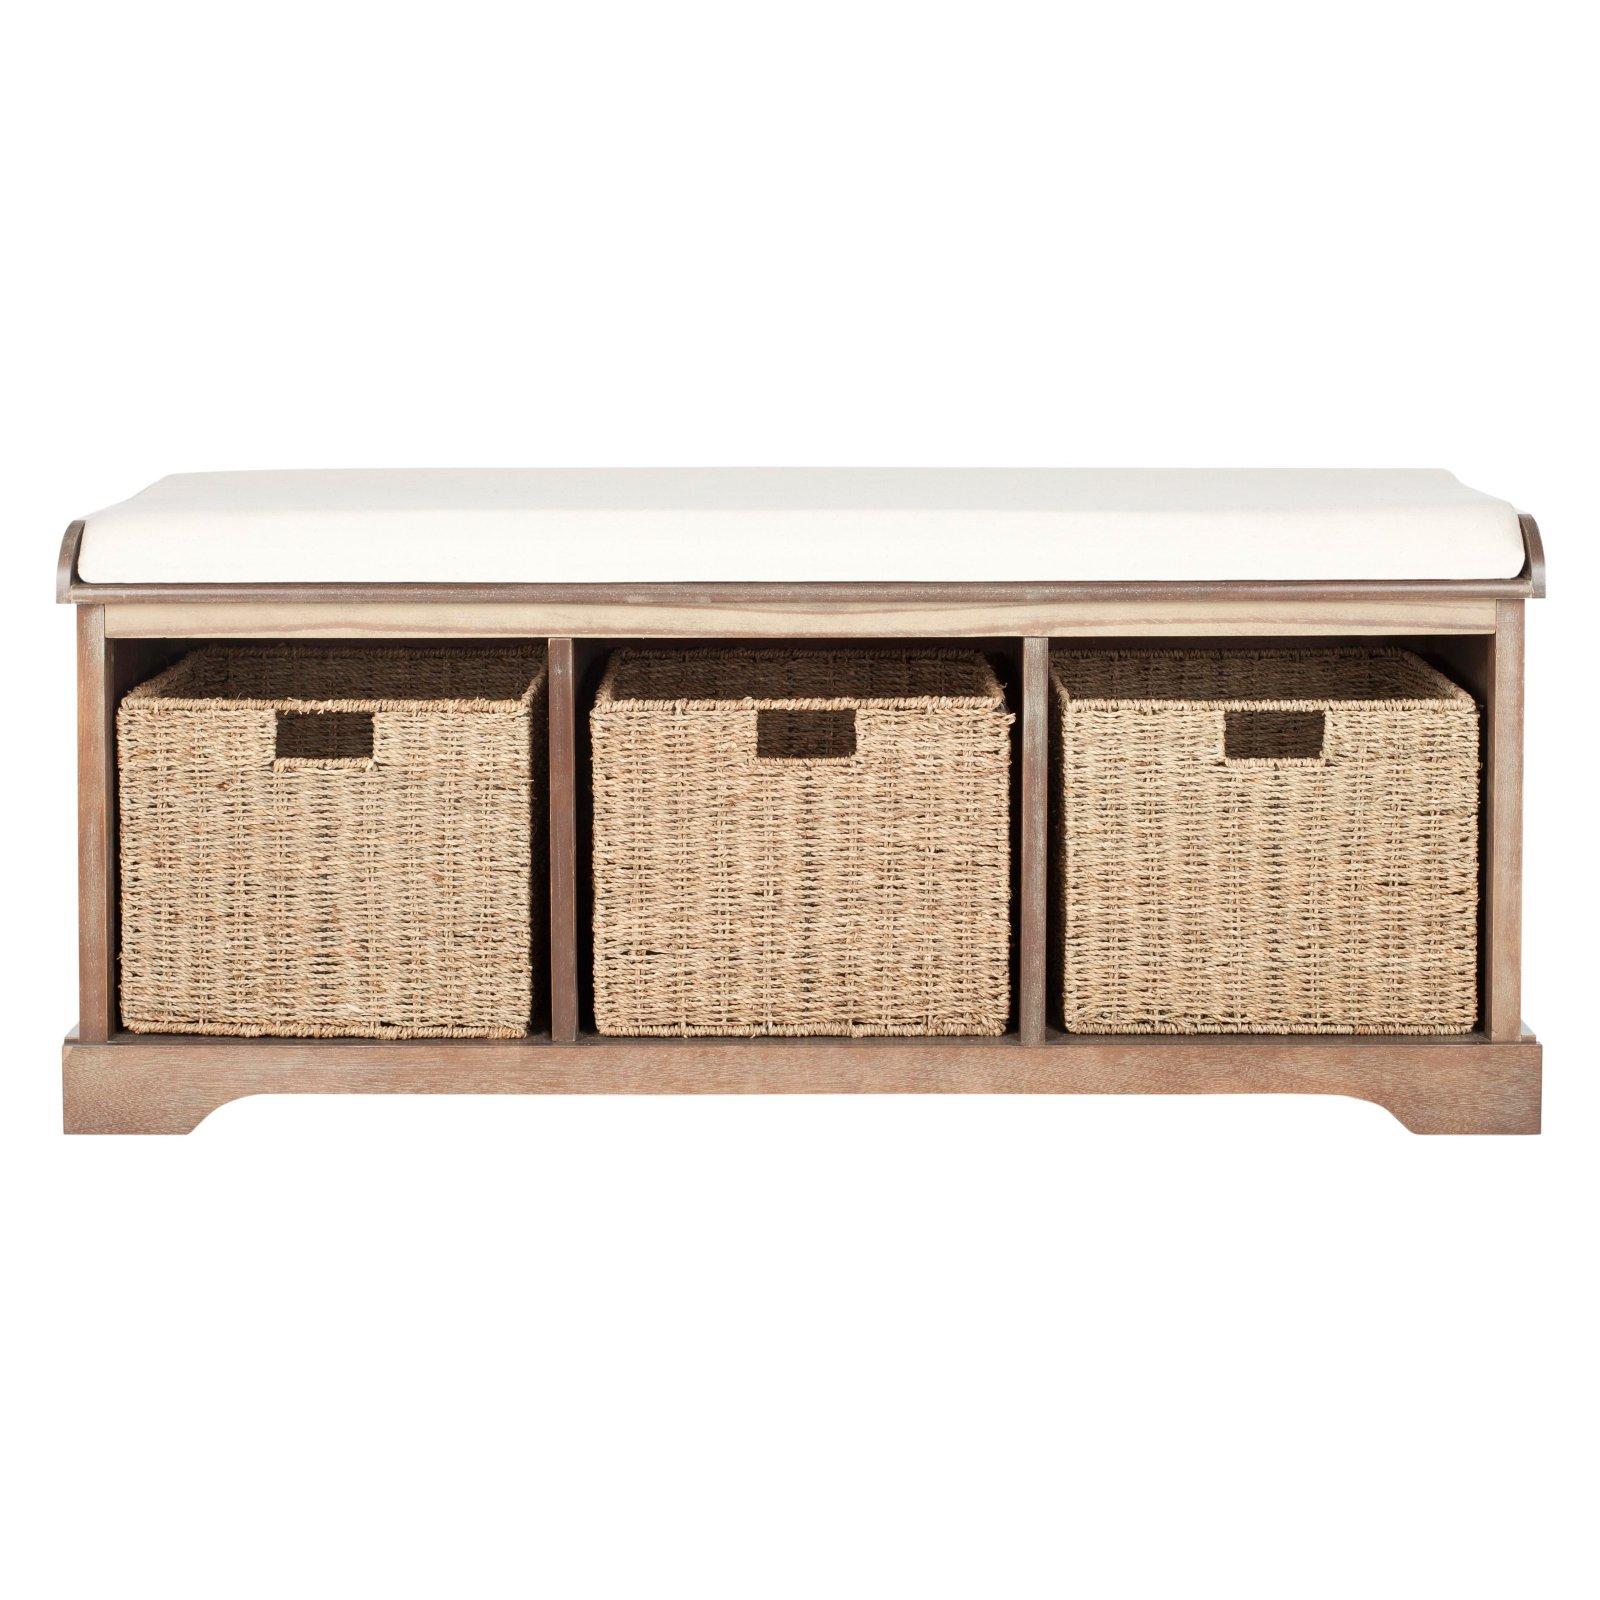 Safavieh Lonan Wicker Indoor Storage Bench Indoor Storage Bench